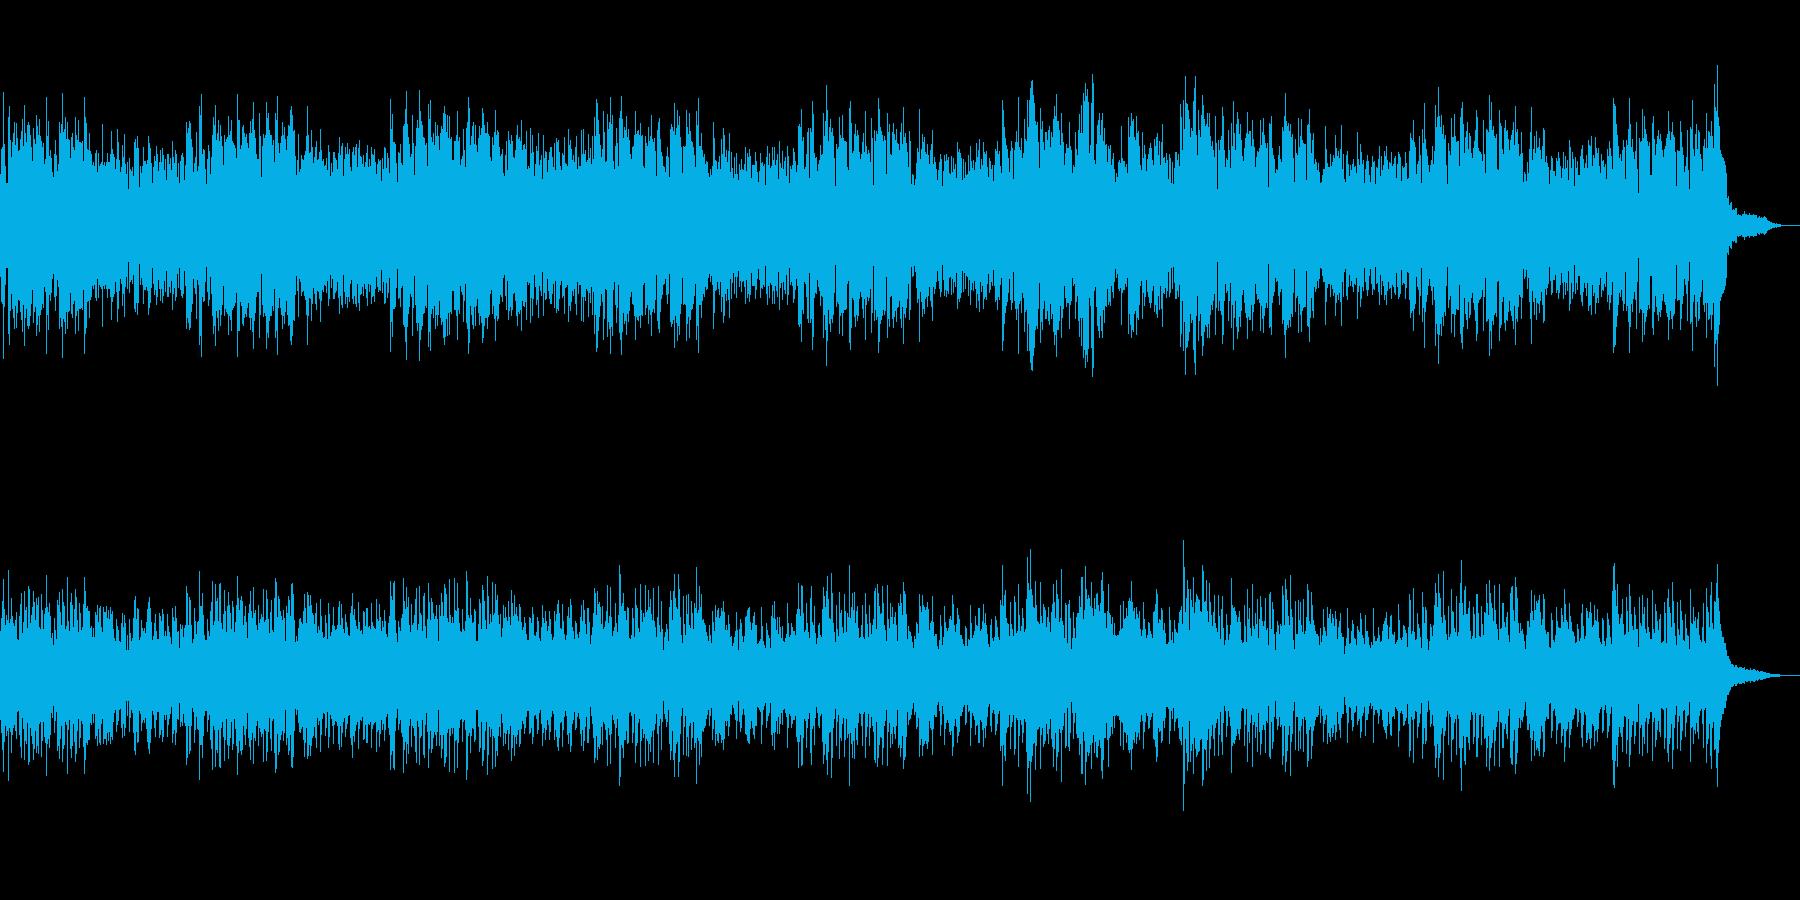 伝説の夜明け 神々のハープの再生済みの波形